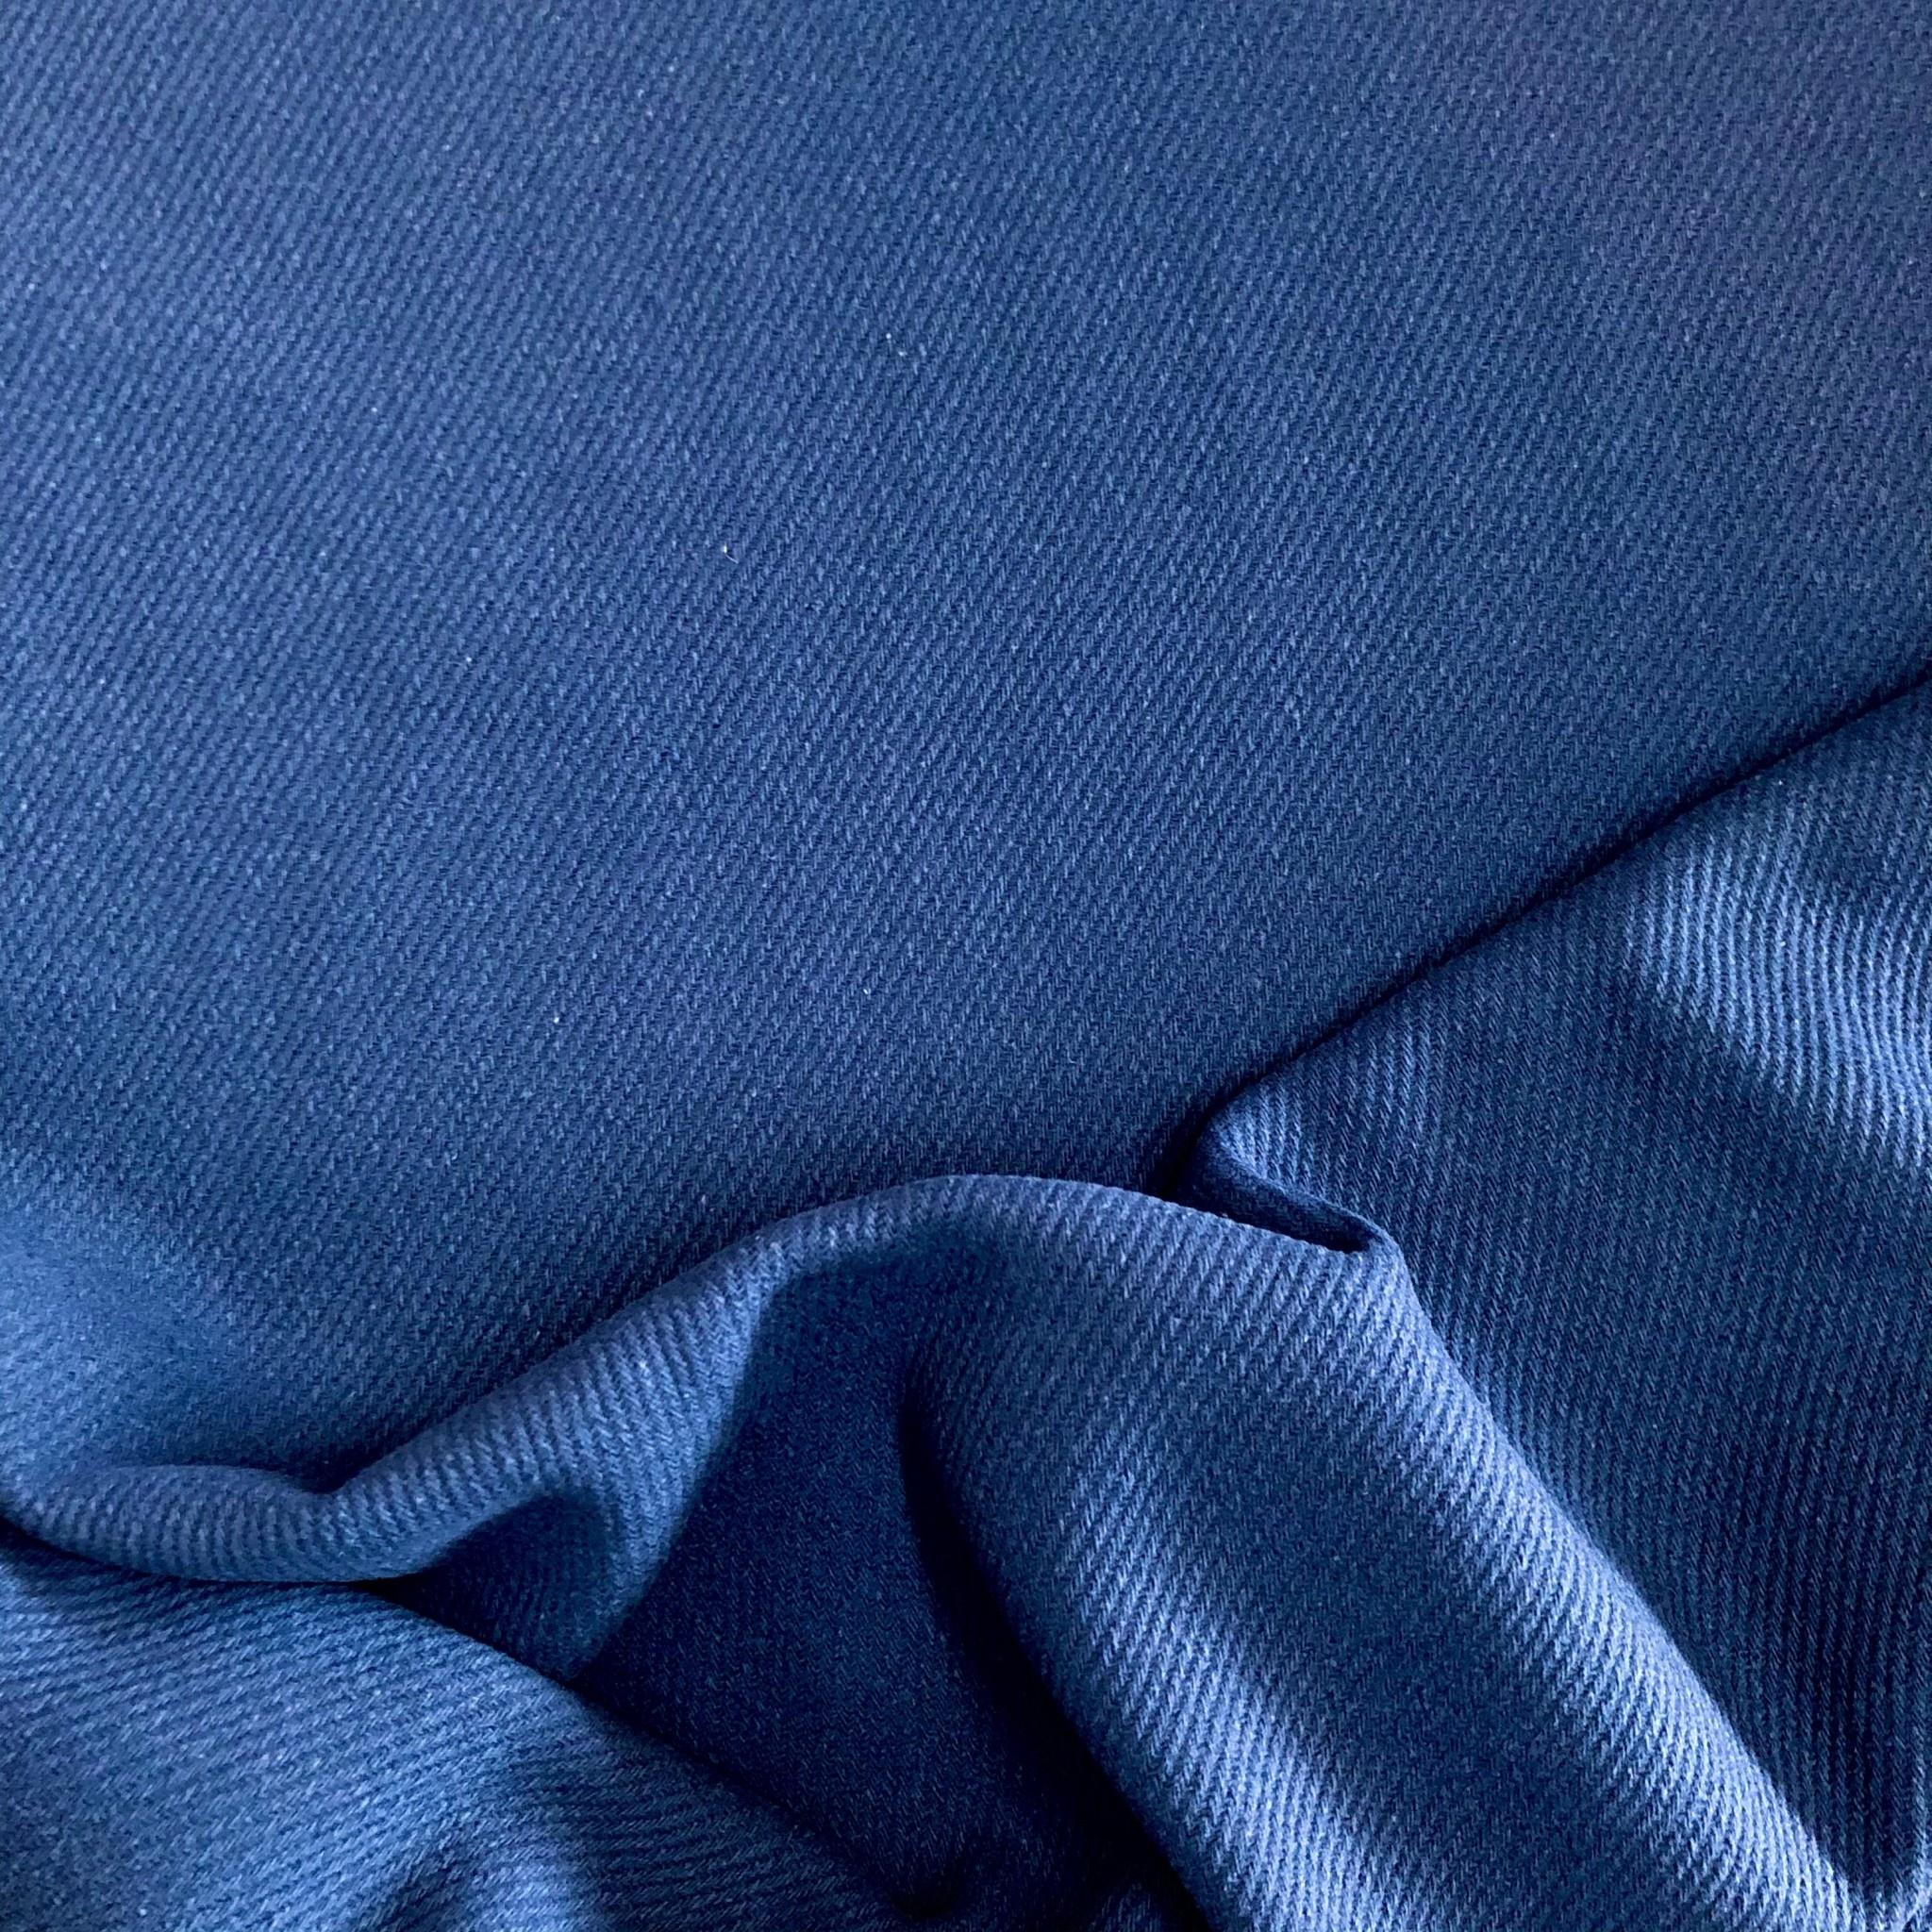 S. Rimmon & Co. Soft Aqua Blue Wool Coating